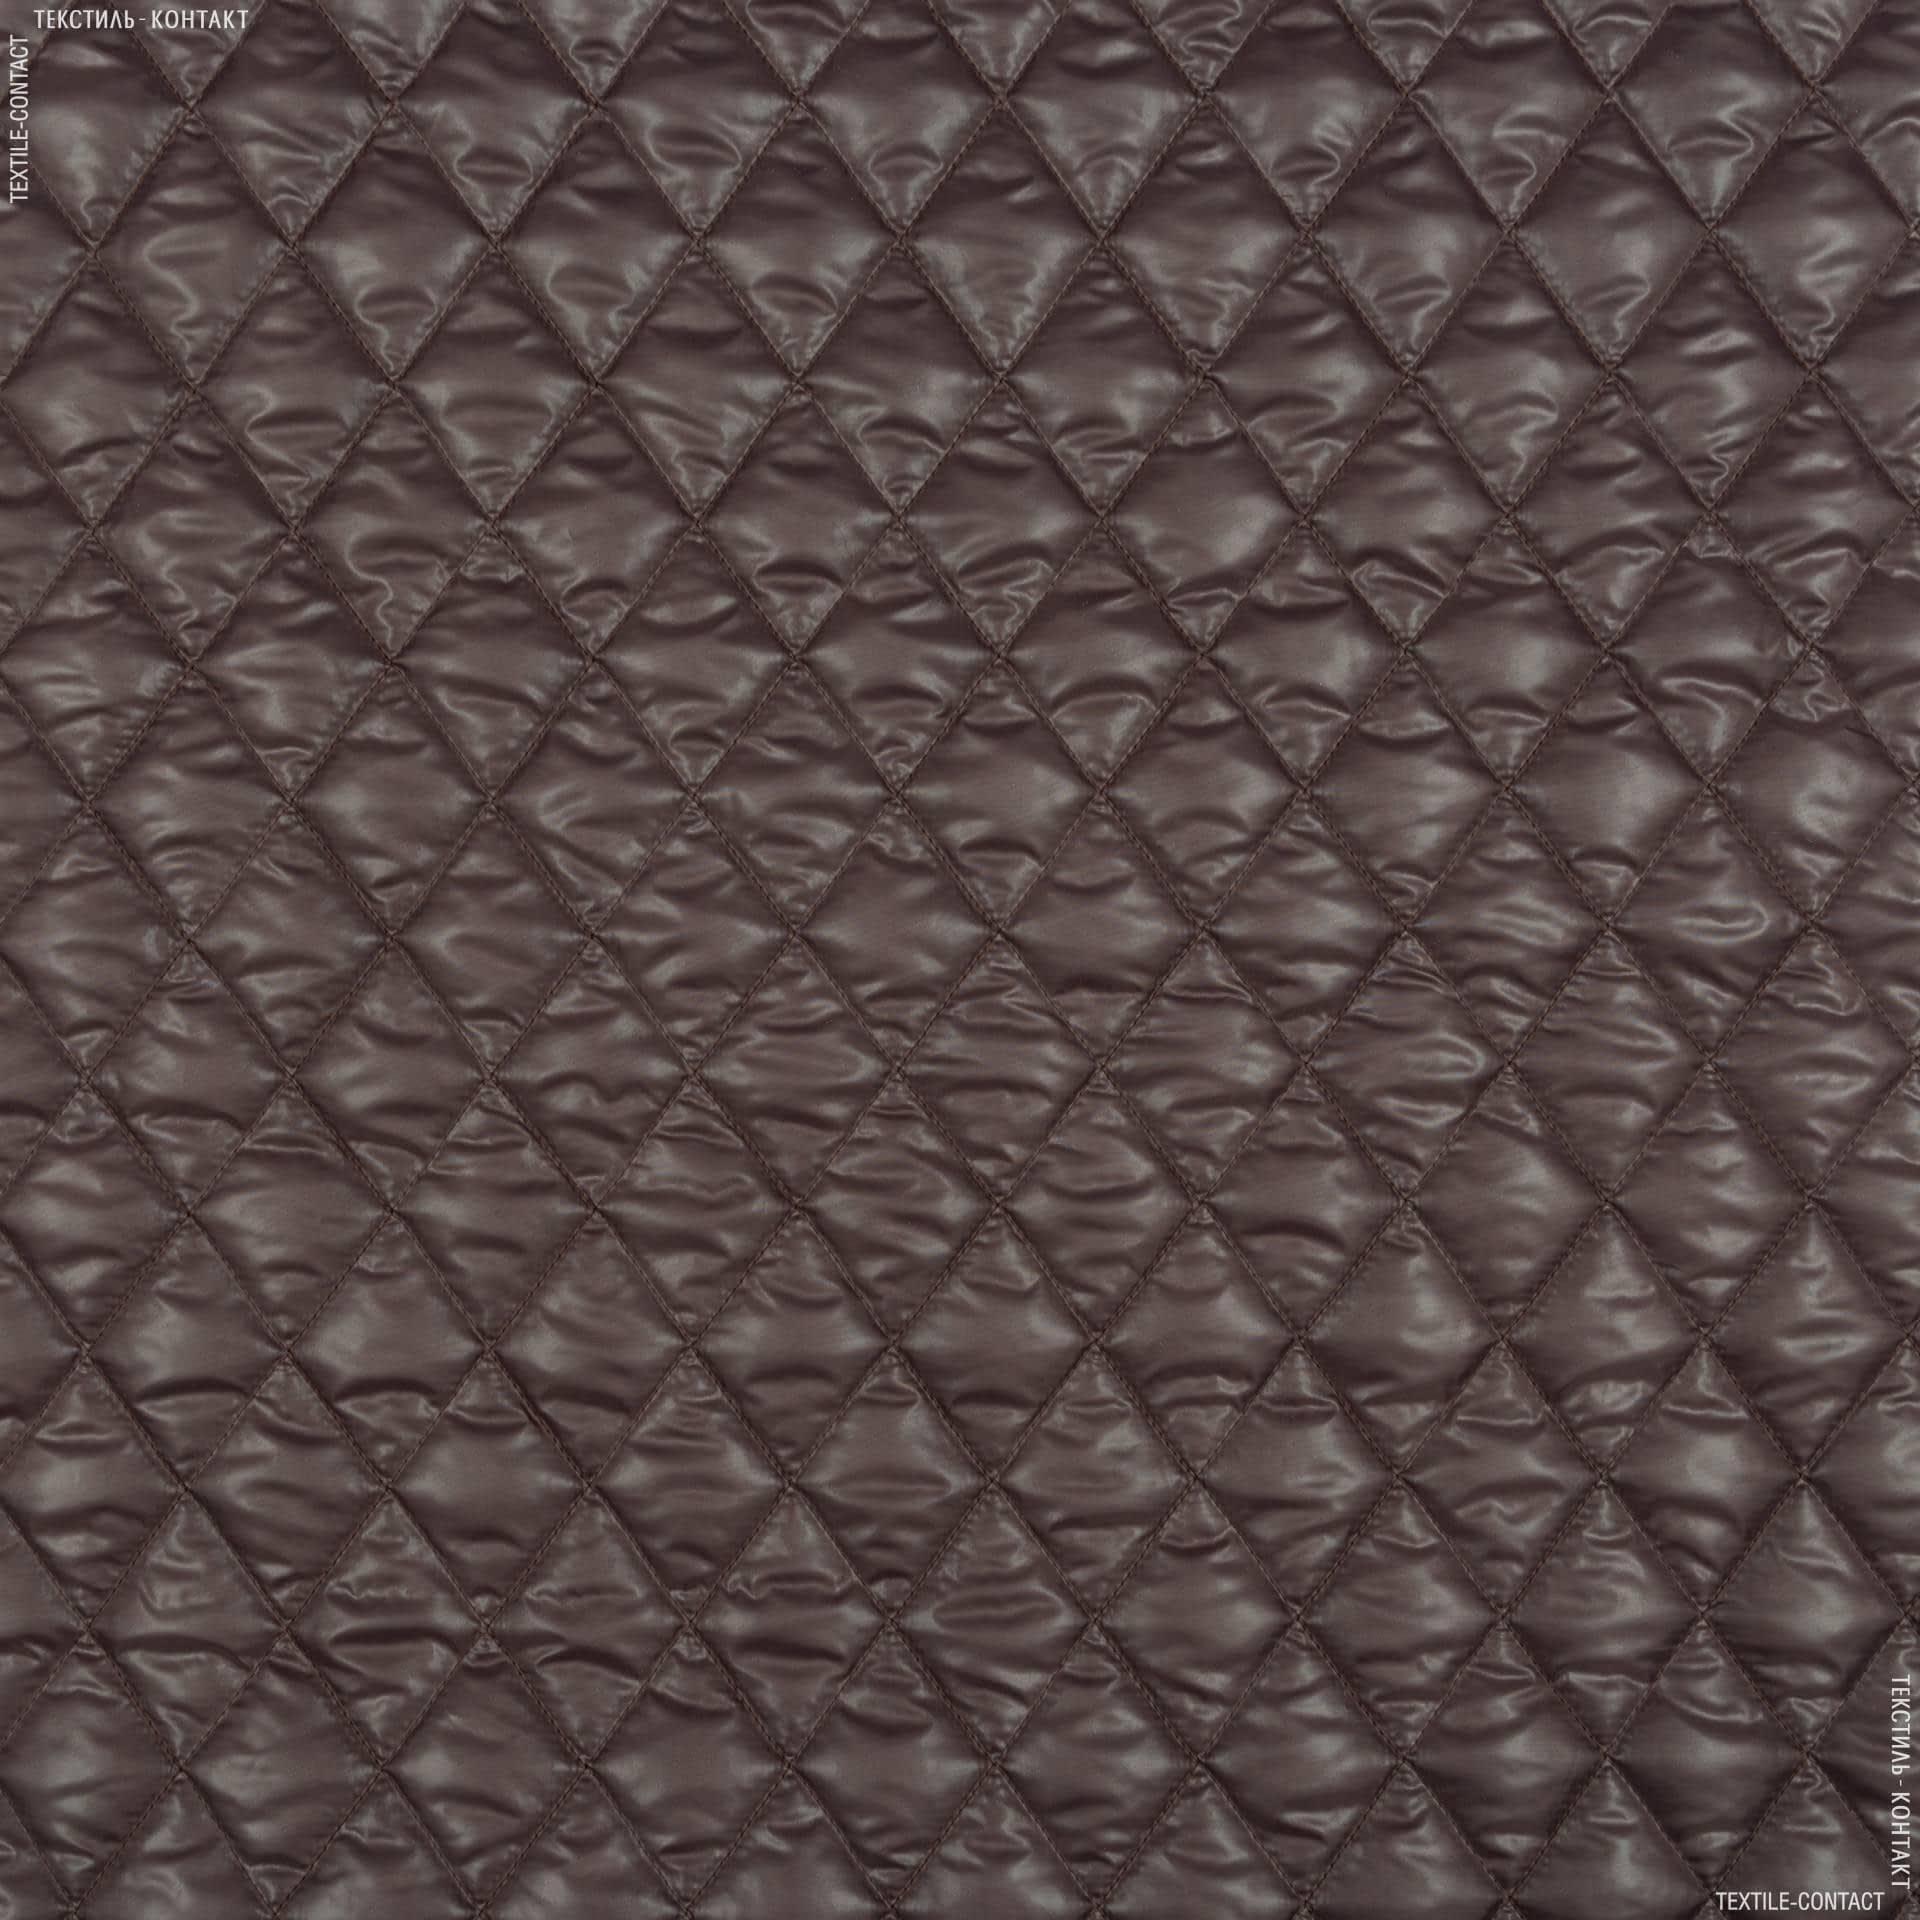 Ткани для спортивной одежды - Плащевая руби лаке стеганая палевый